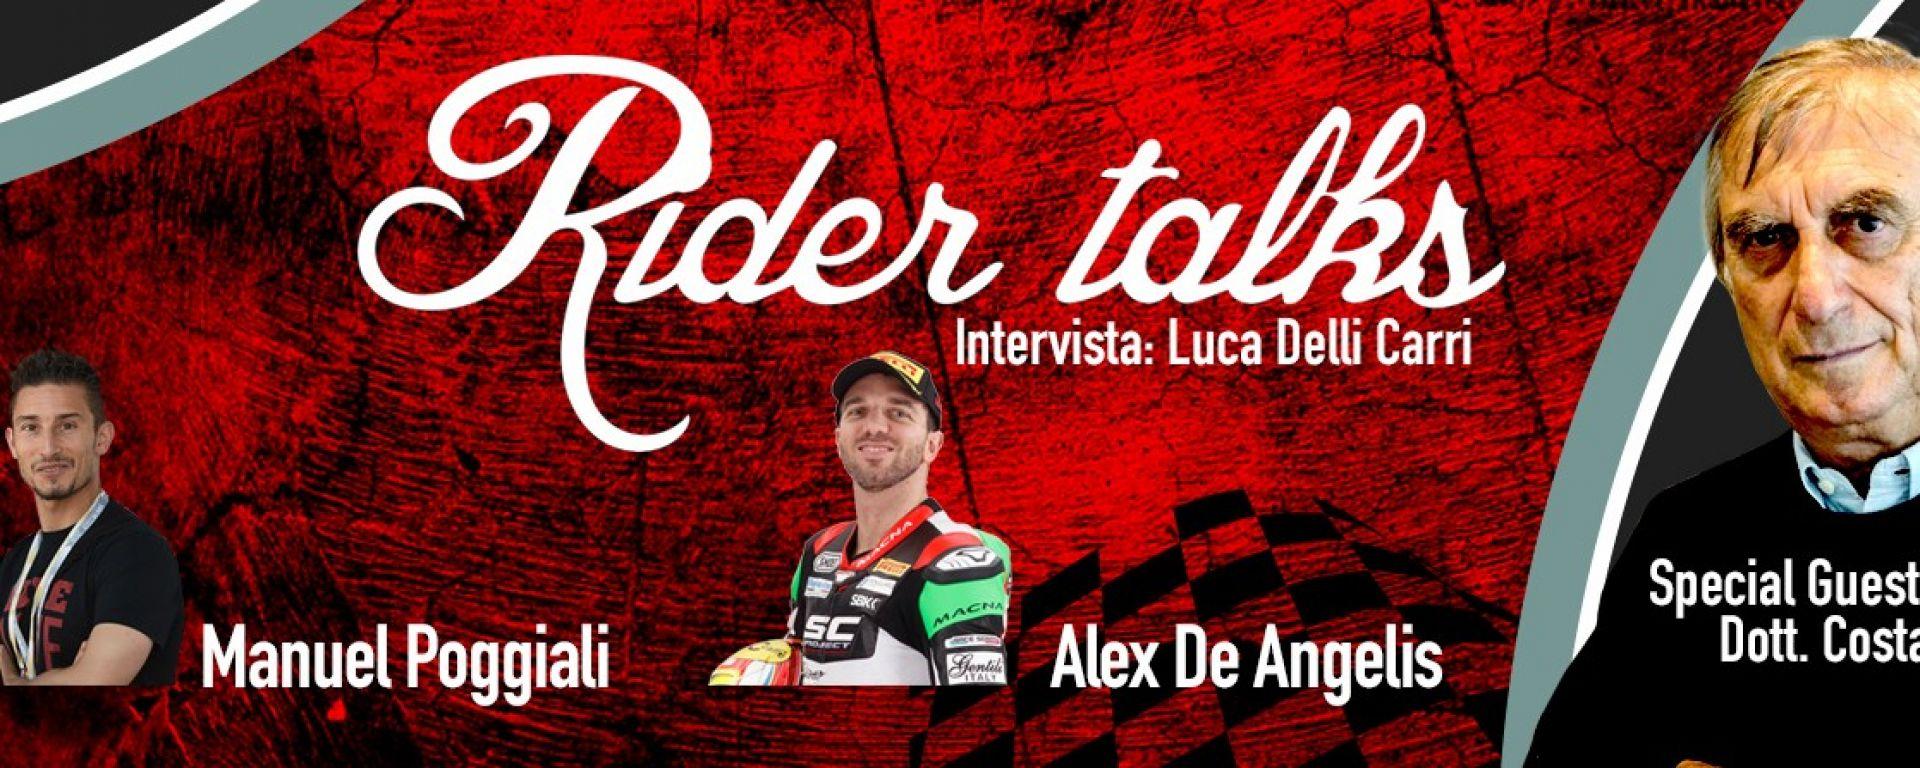 Ciapa la Moto Rider Talks